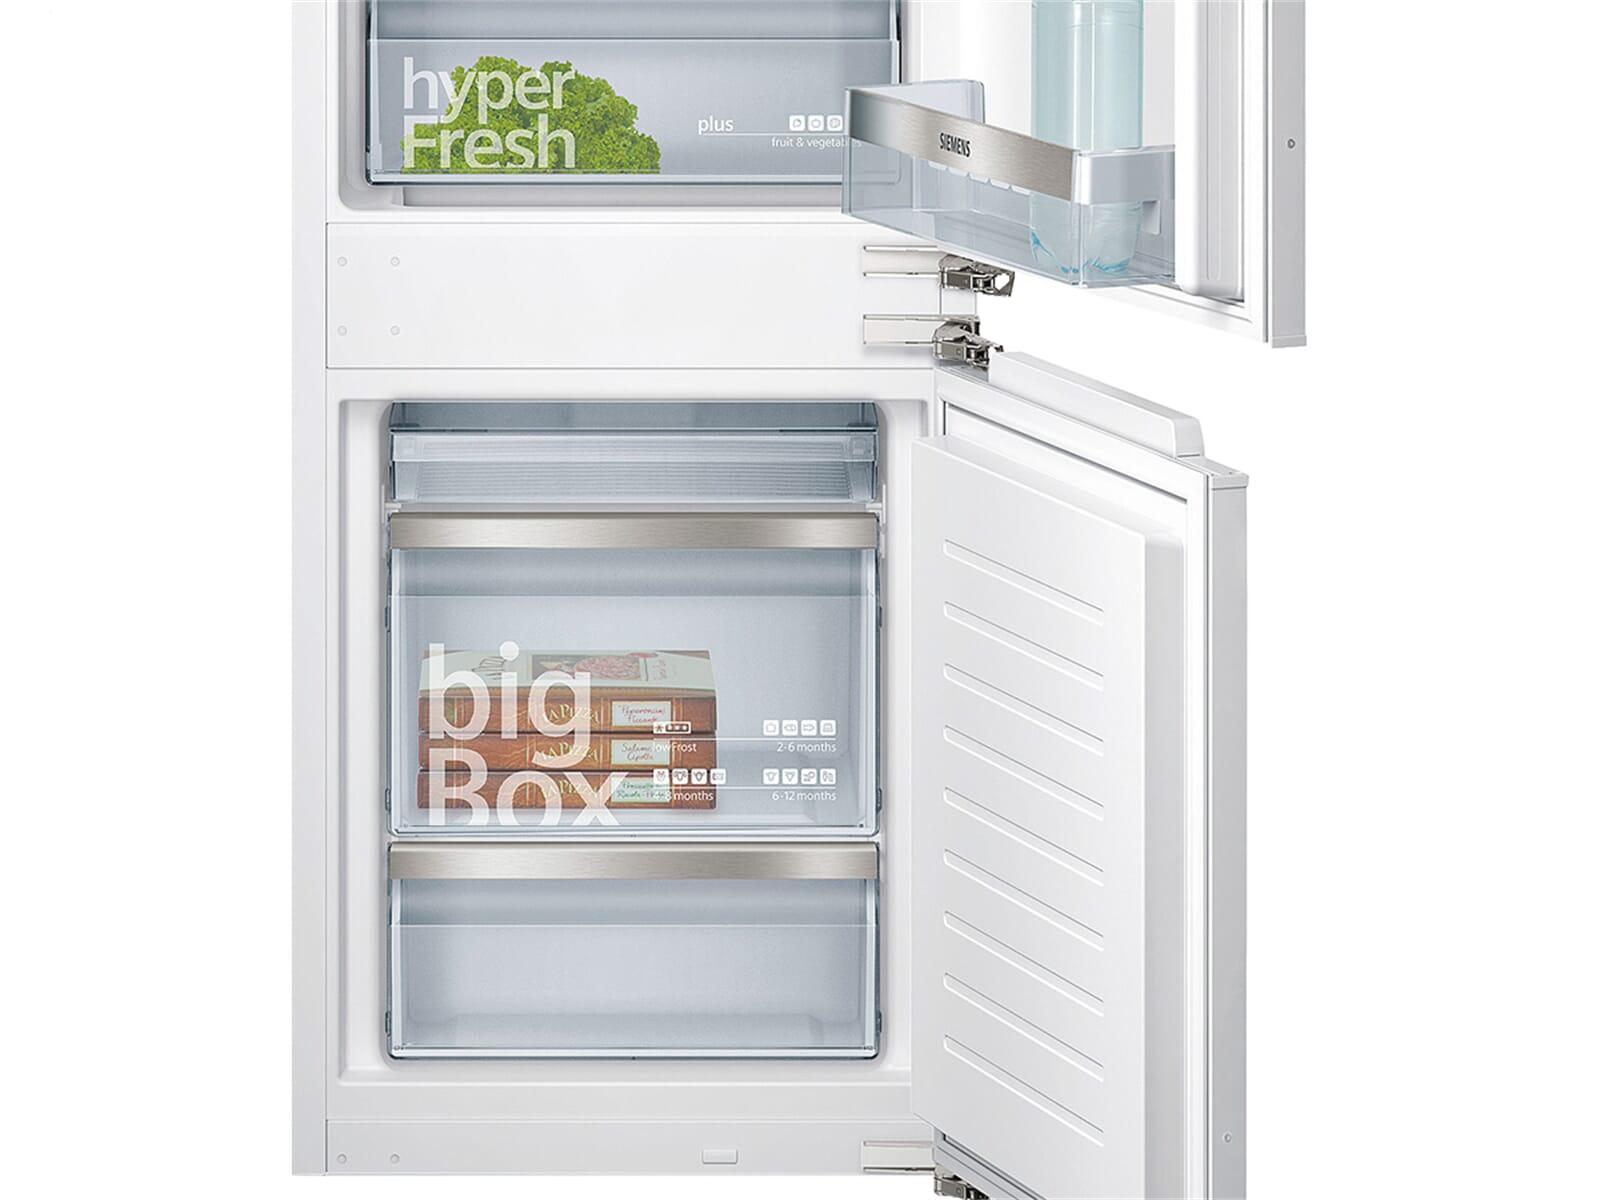 Siemens Kühlschrank Gefrierkombi : Siemens studioline ki ssd einbau kühl gefrierkombination